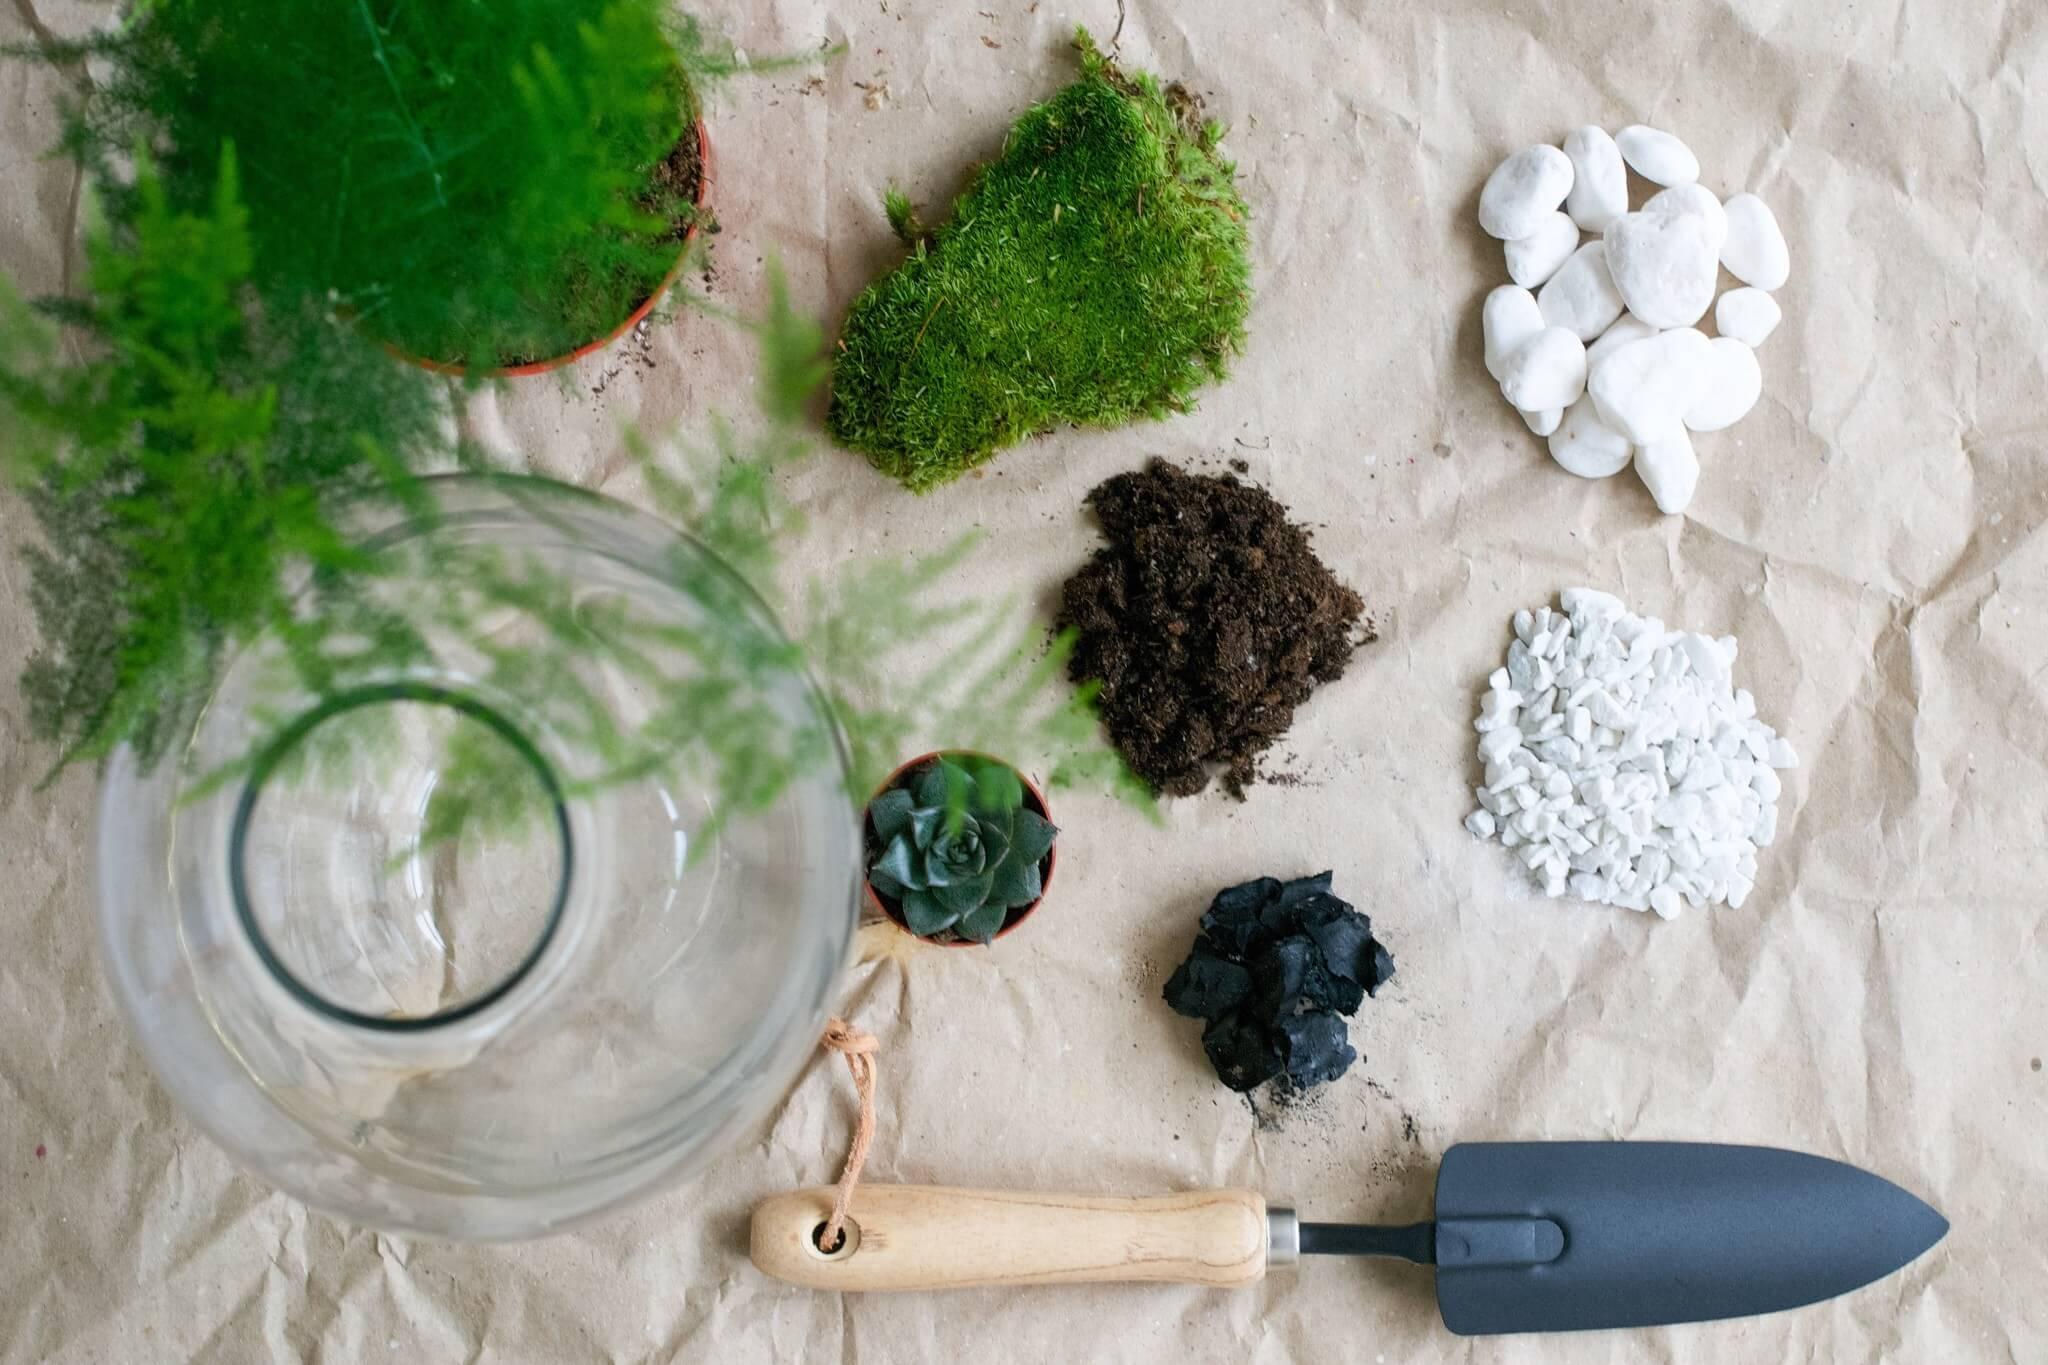 Växtterrarium flatlay